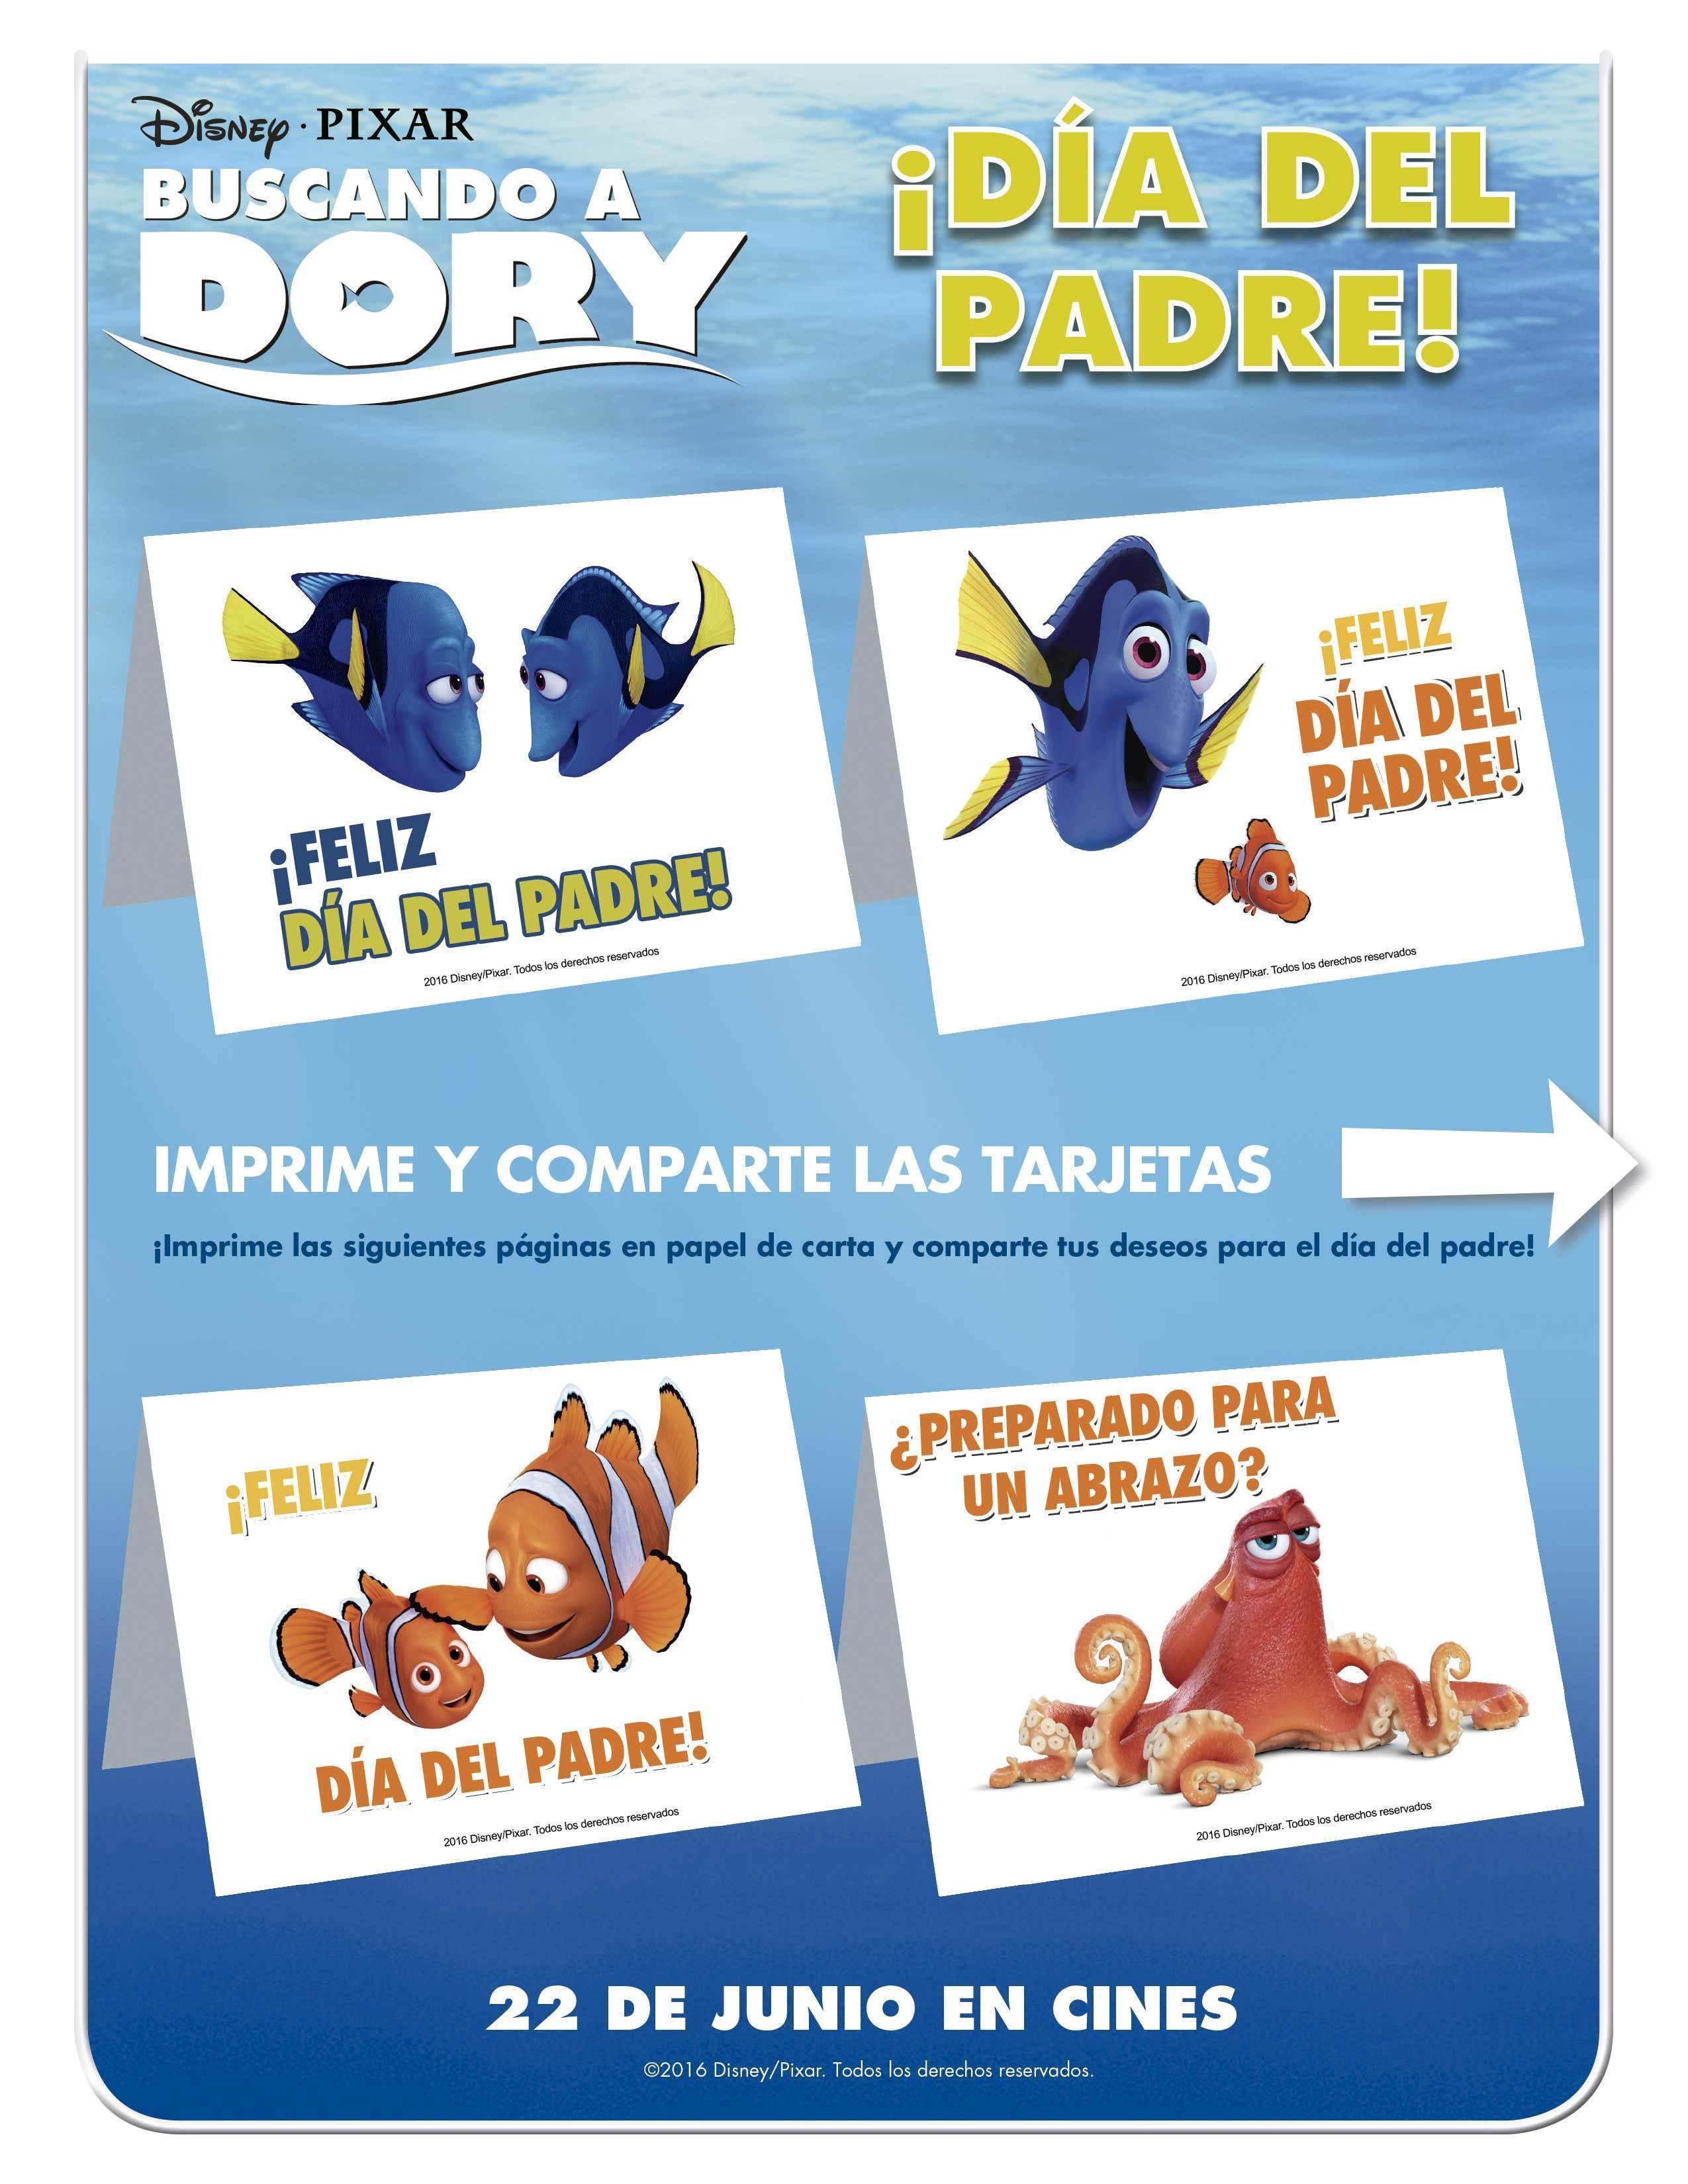 Buscando a Dory - Día del Padre